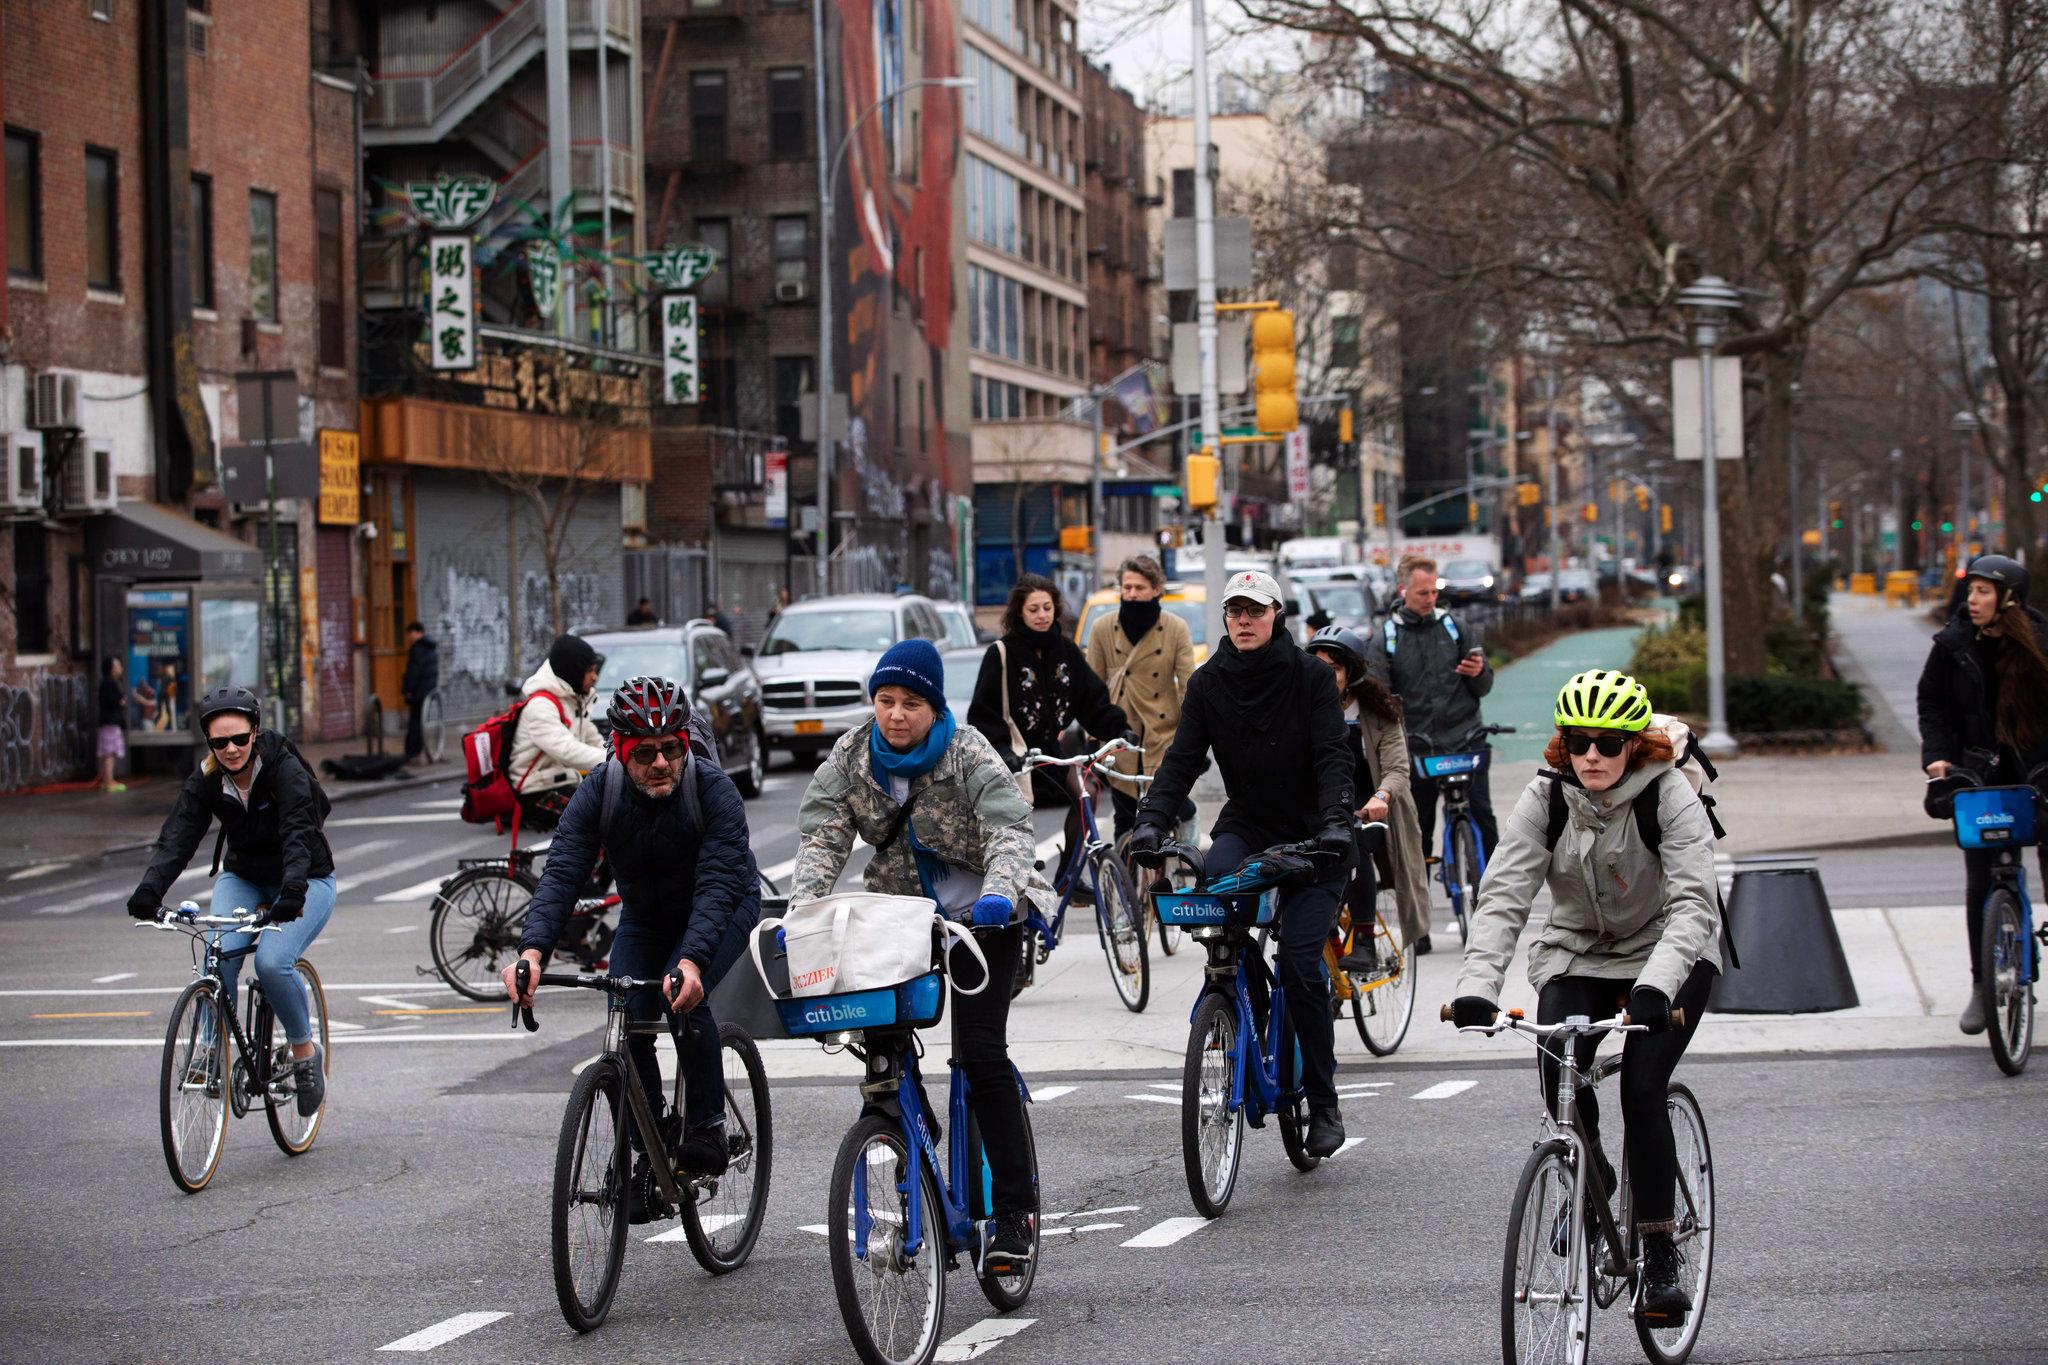 Ποδηλασία κατά τη διάρκεια της πανδημίας, αλλά με ασφάλεια για τους υπόλοιπους